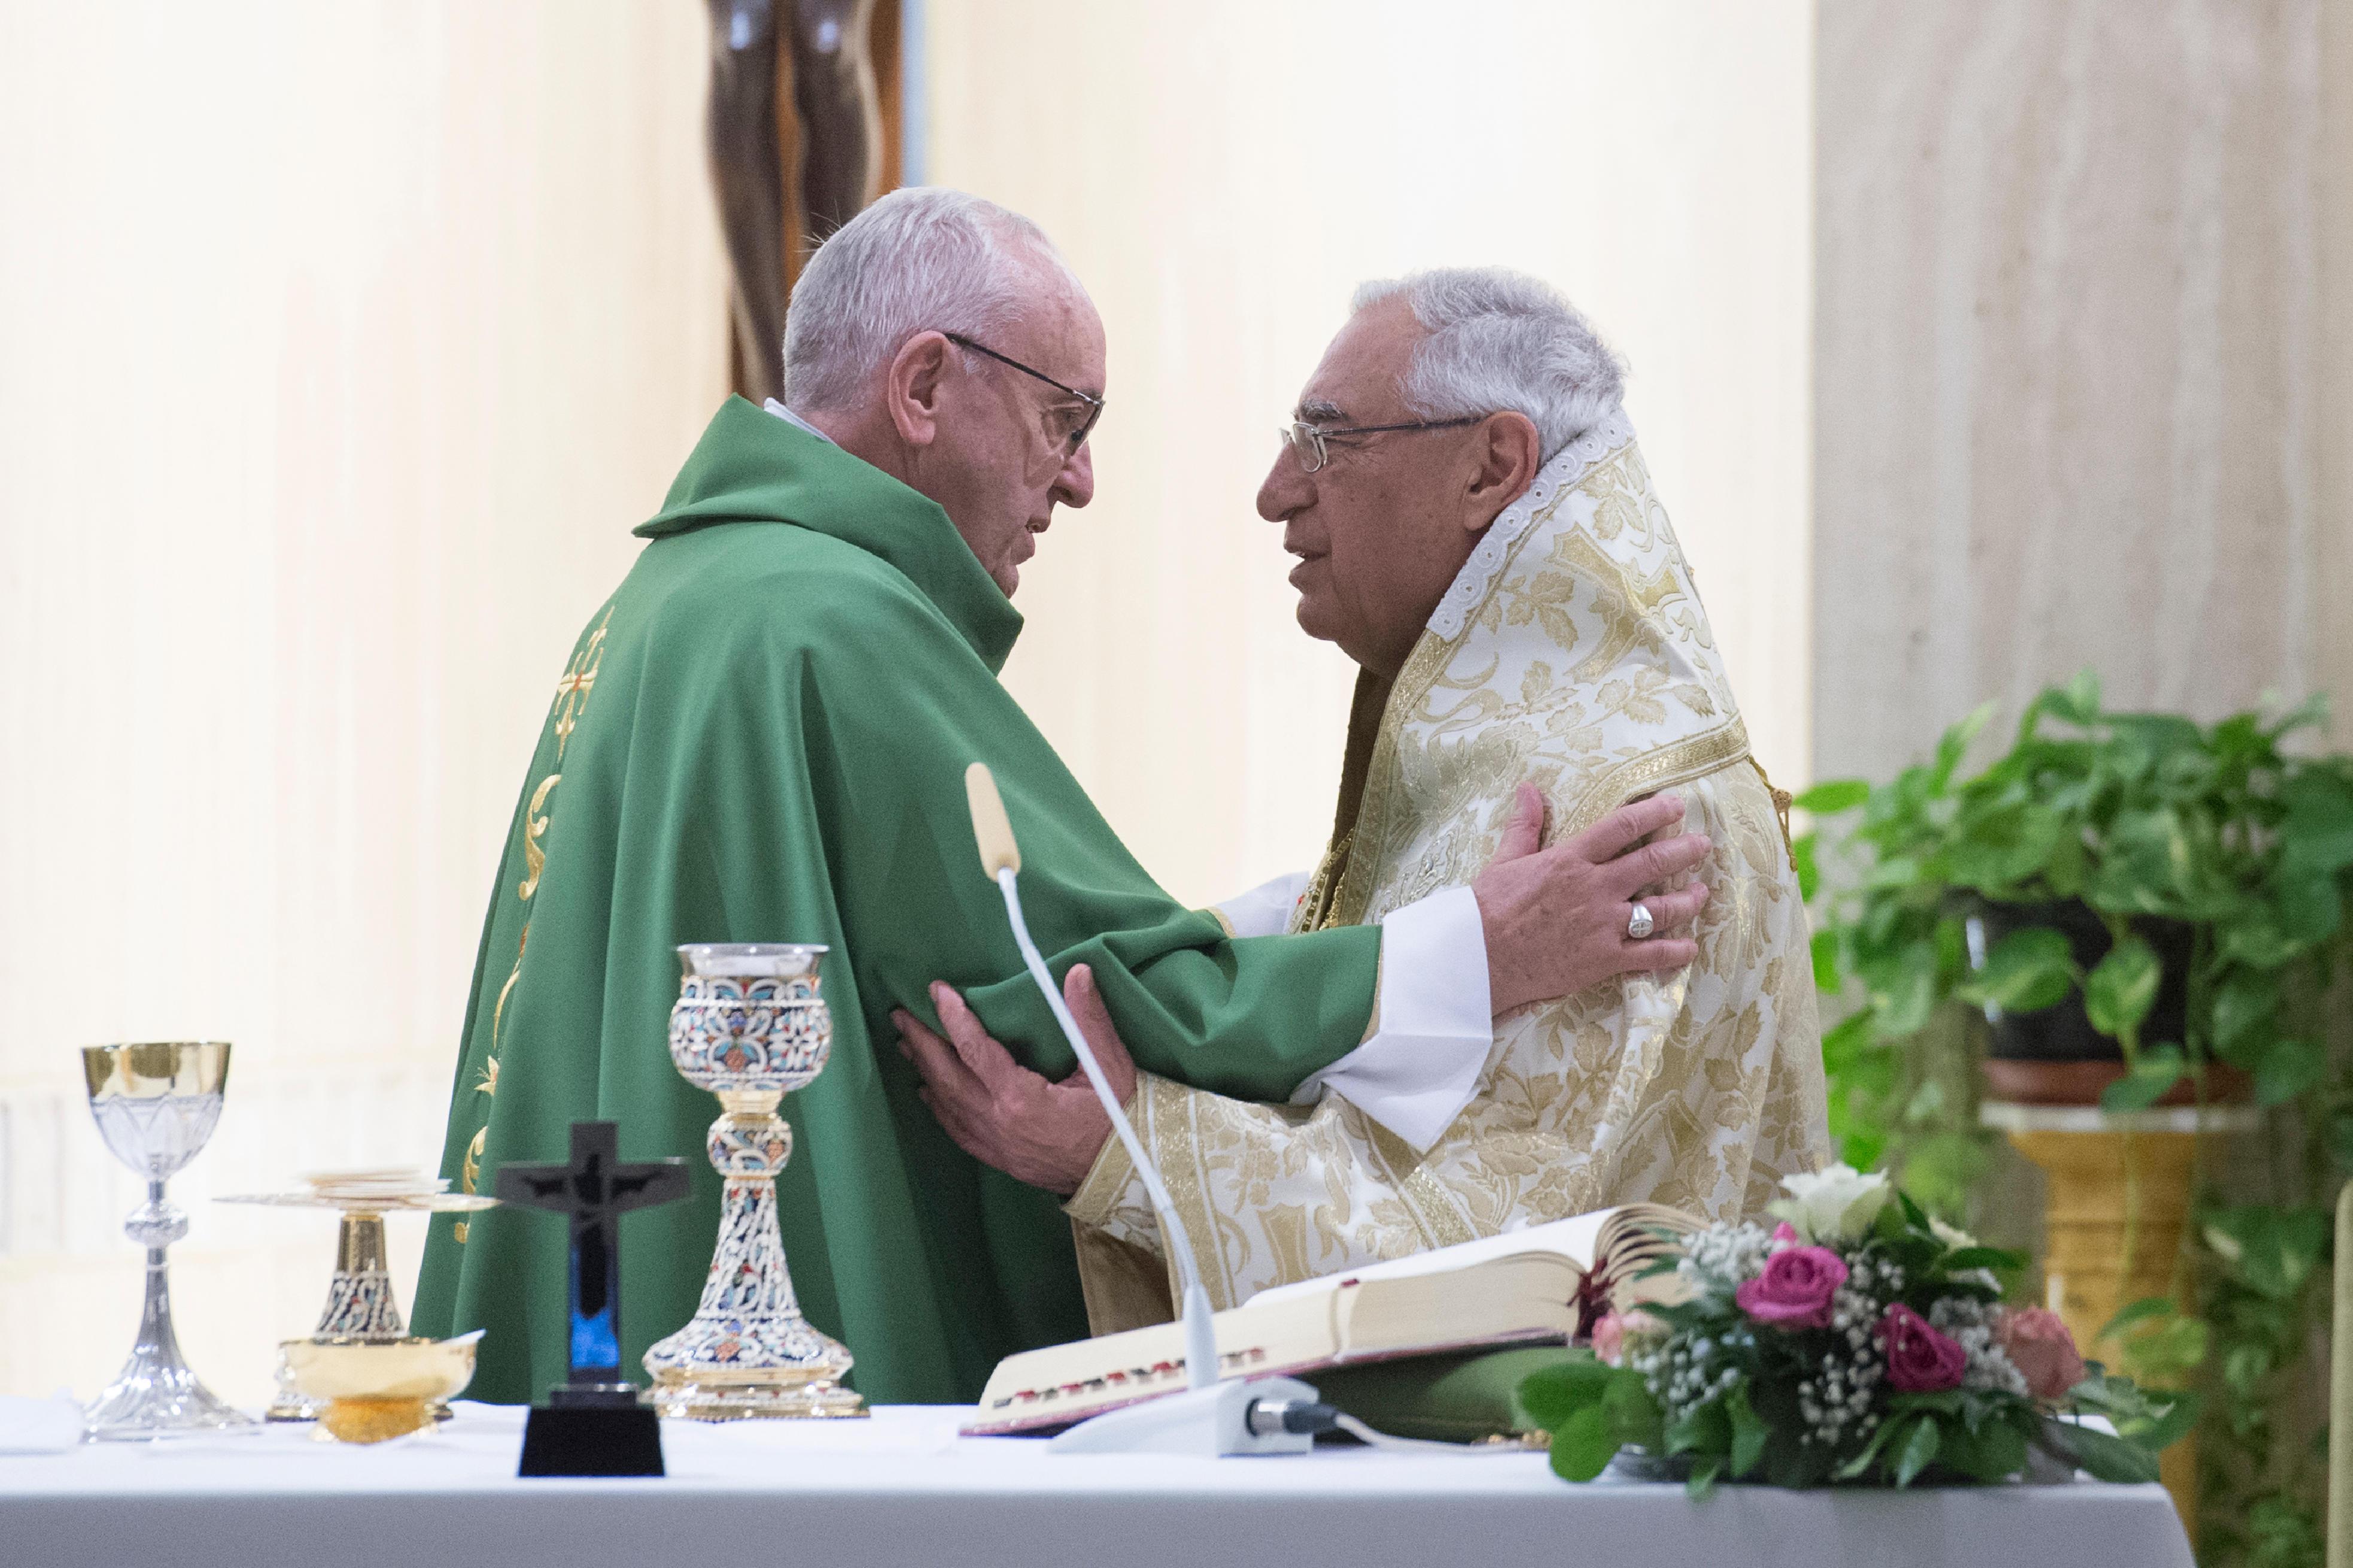 El Papa celebra la Misa con el Patriarca de la Iglesia Greco-Melquita © Vatican Media